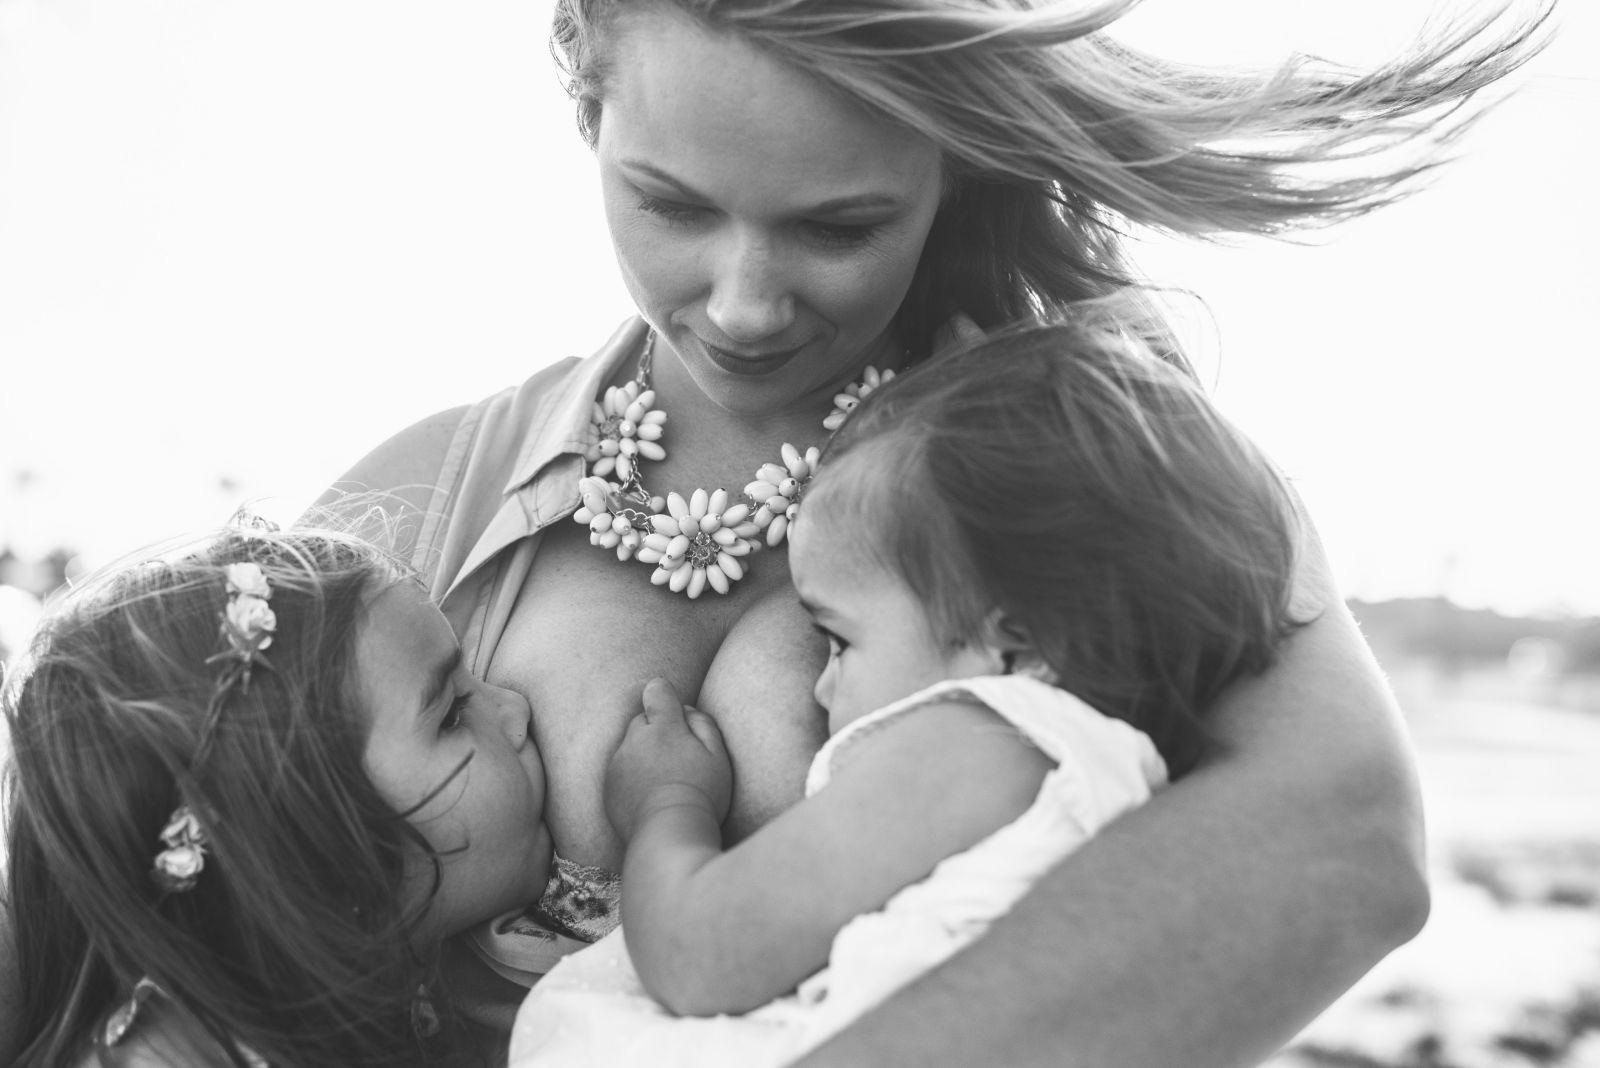 Фото голых мам сестер тети, Голая сестра - фото обнаженных сестричек 6 фотография